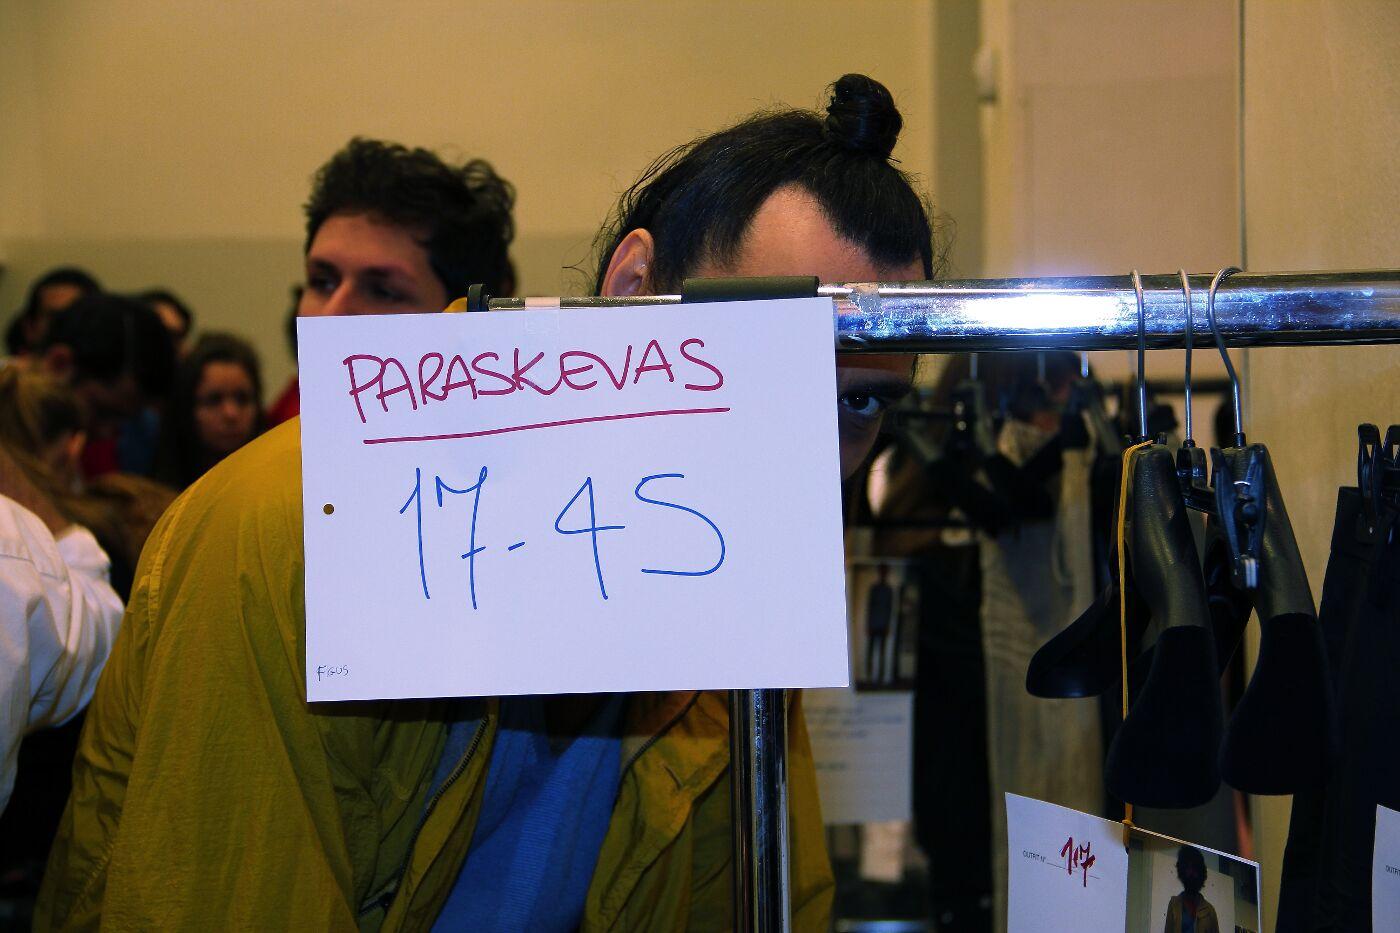 iceberg-backstage-spring-summer-2012-milano-fashion-week-iceberg